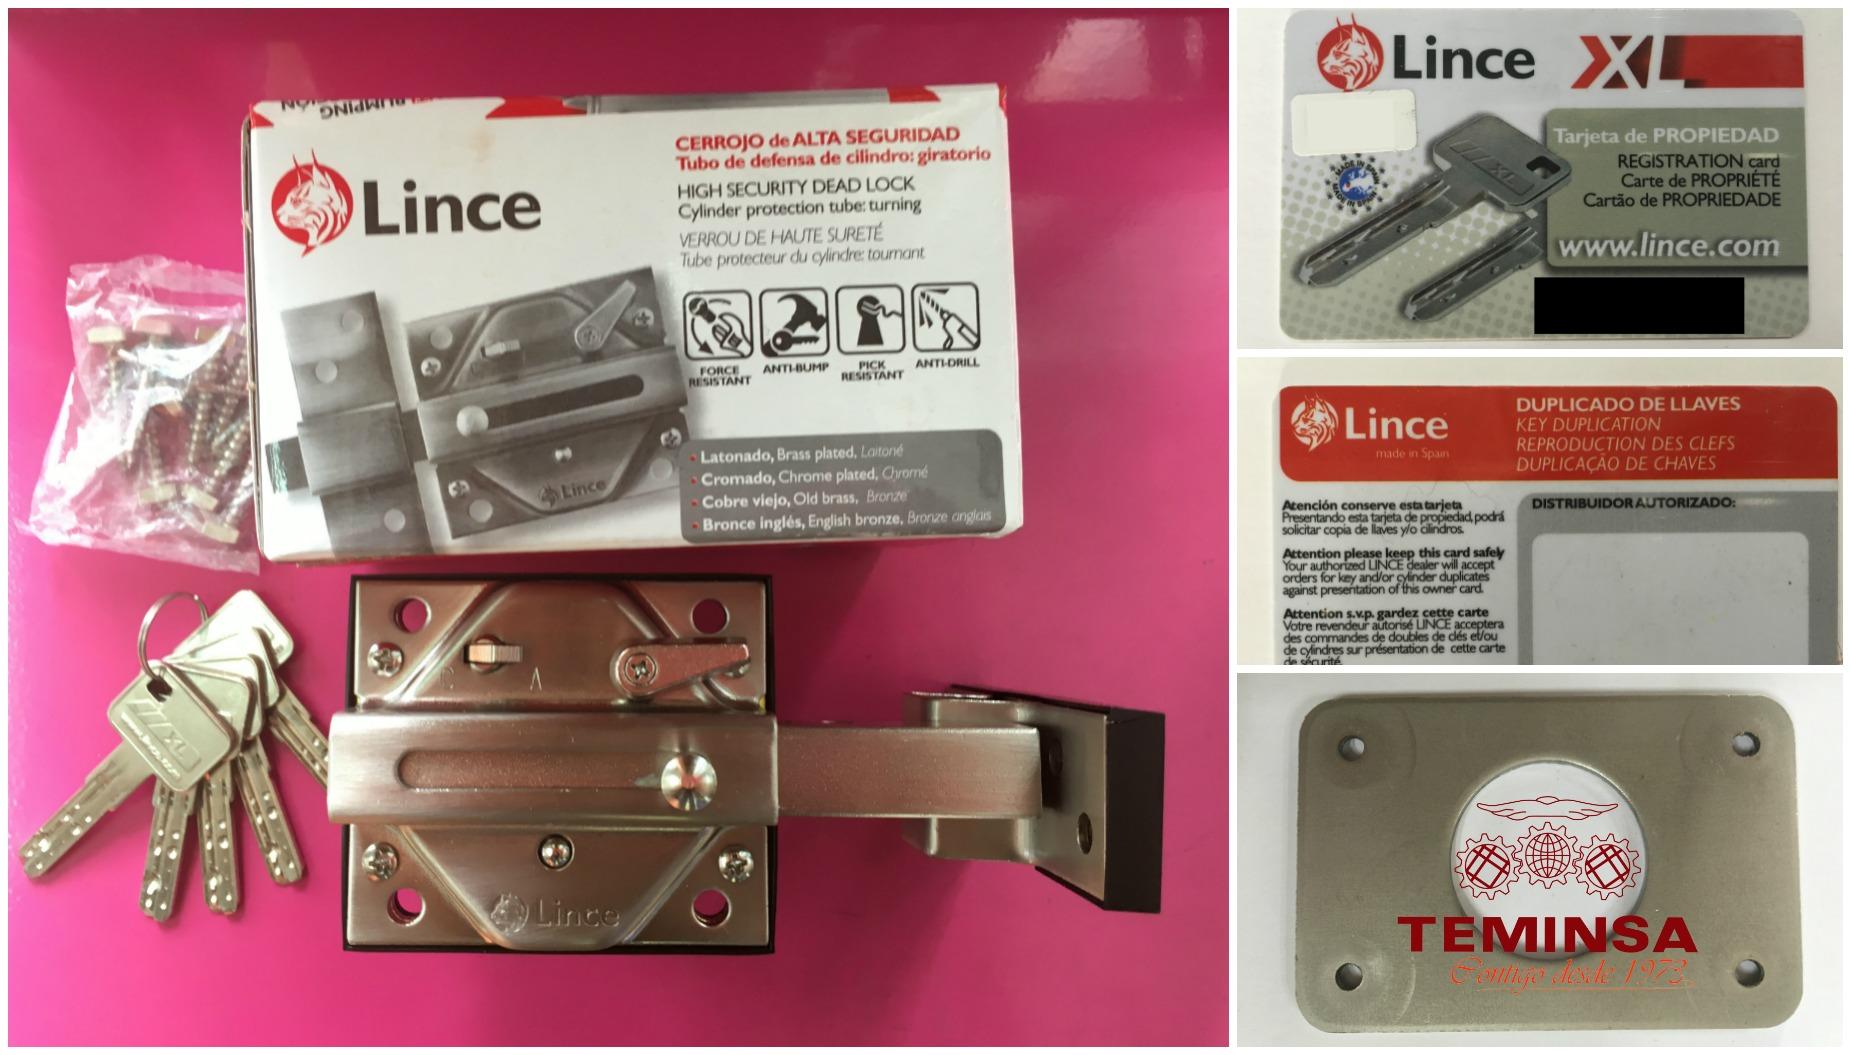 Cerrojo de Alta Seguridad Lince Embalaje Presentación Producto Teminsa Tienda Online